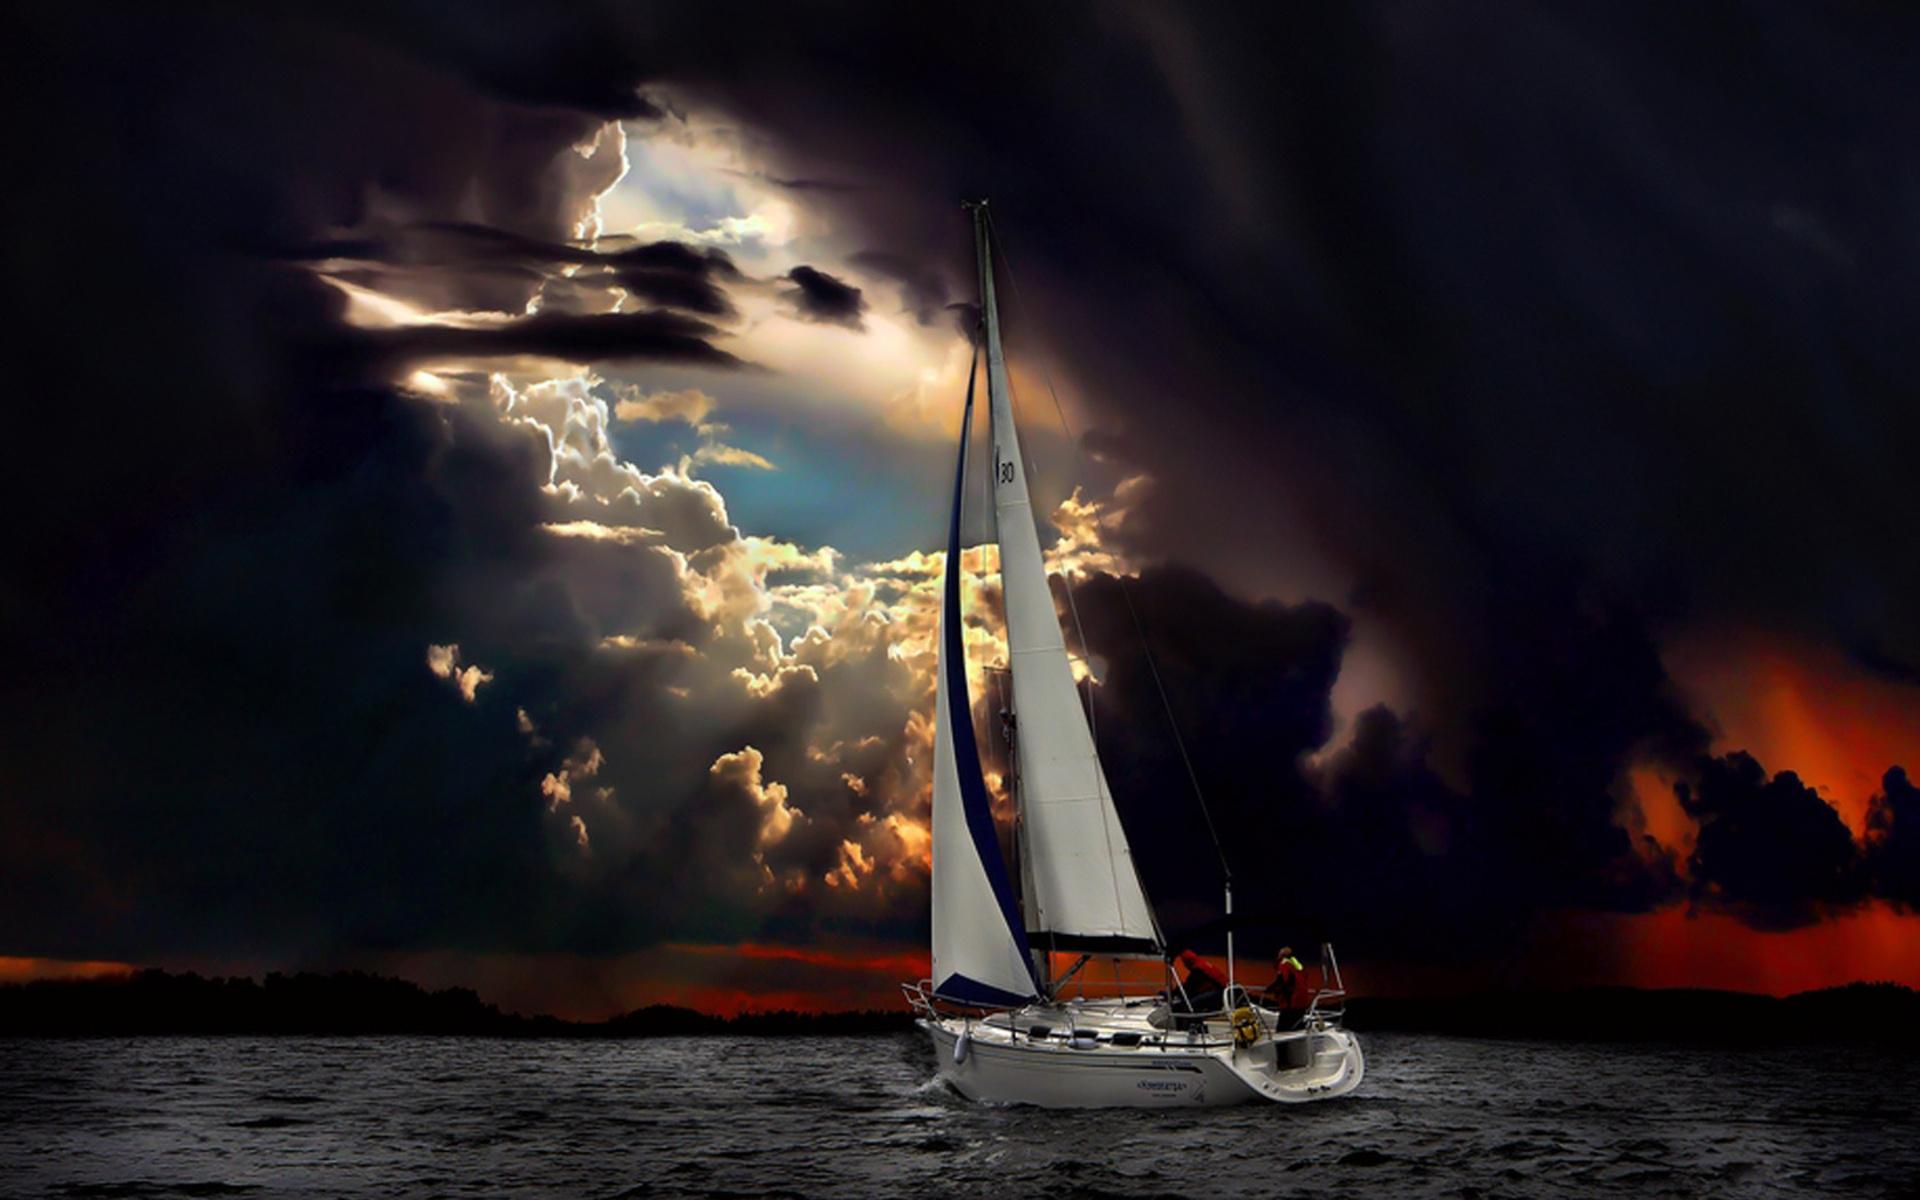 32897 Hintergrundbild herunterladen Transport, Sea, Yachts - Bildschirmschoner und Bilder kostenlos